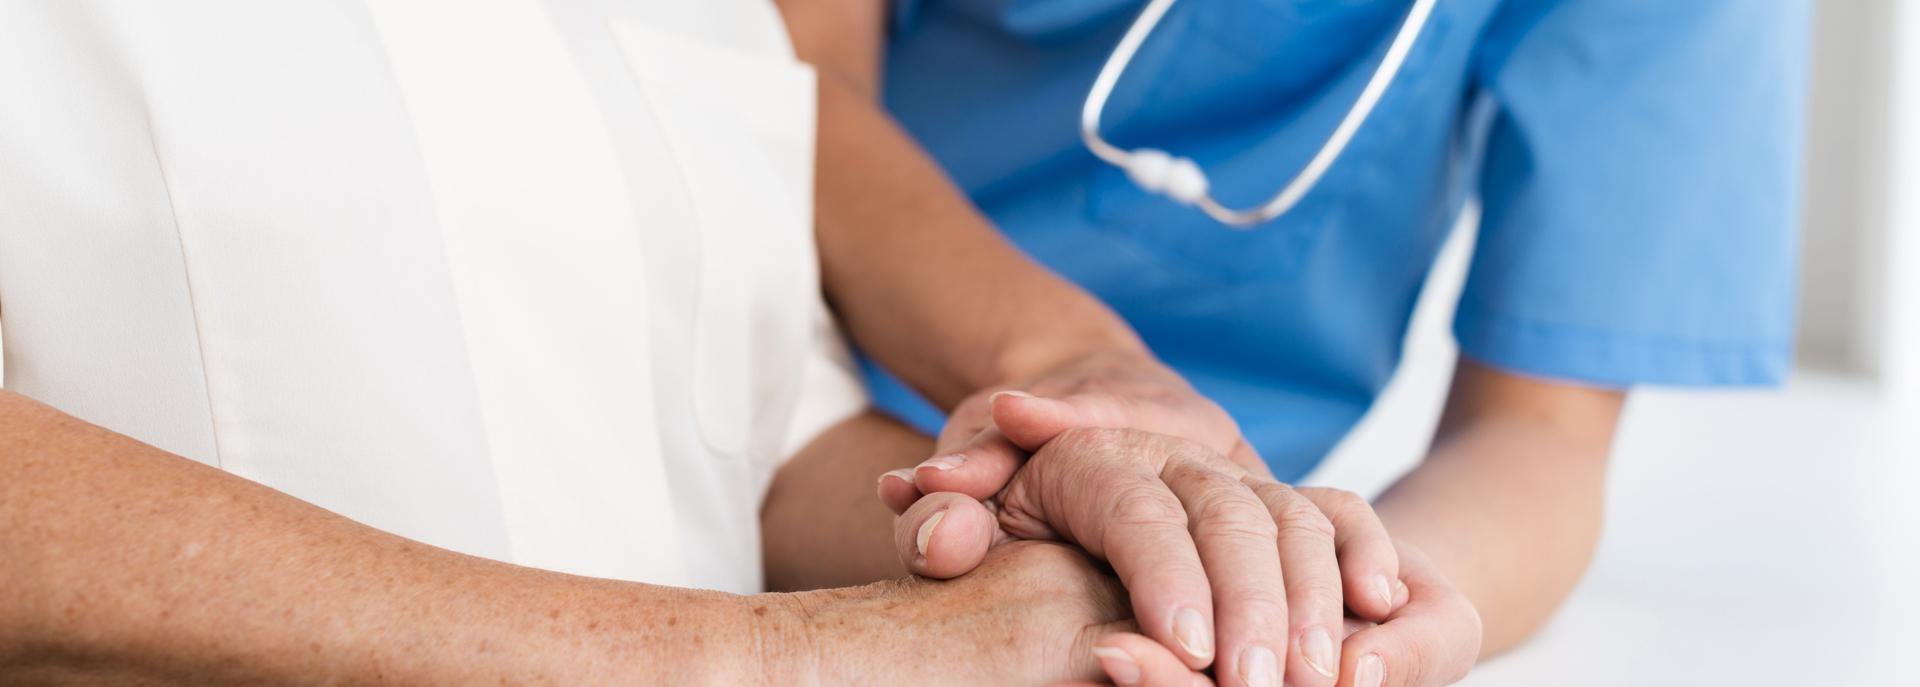 Il privilegio di essere infermieri: le testimonianze di Elisa e Stefania